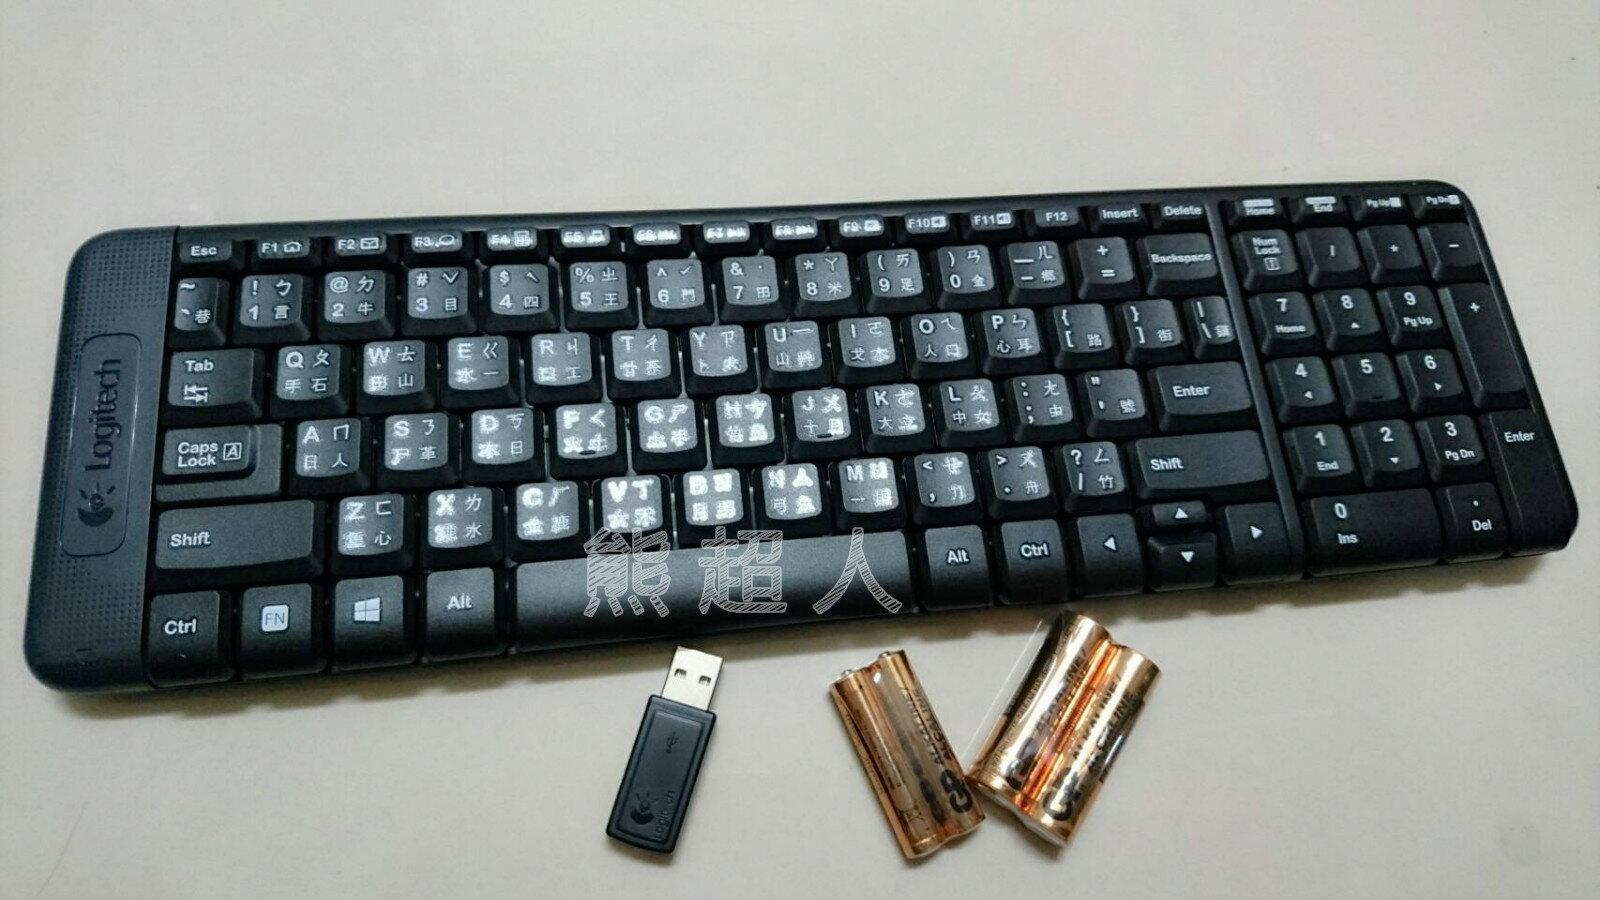 ❤含發票❤團購價❤第一品牌❤有注音❤羅技無線鍵盤滑鼠組❤電競滑鼠電競鍵盤❤桌上型電腦❤筆記型電腦❤LOL英雄聯盟mk220 2